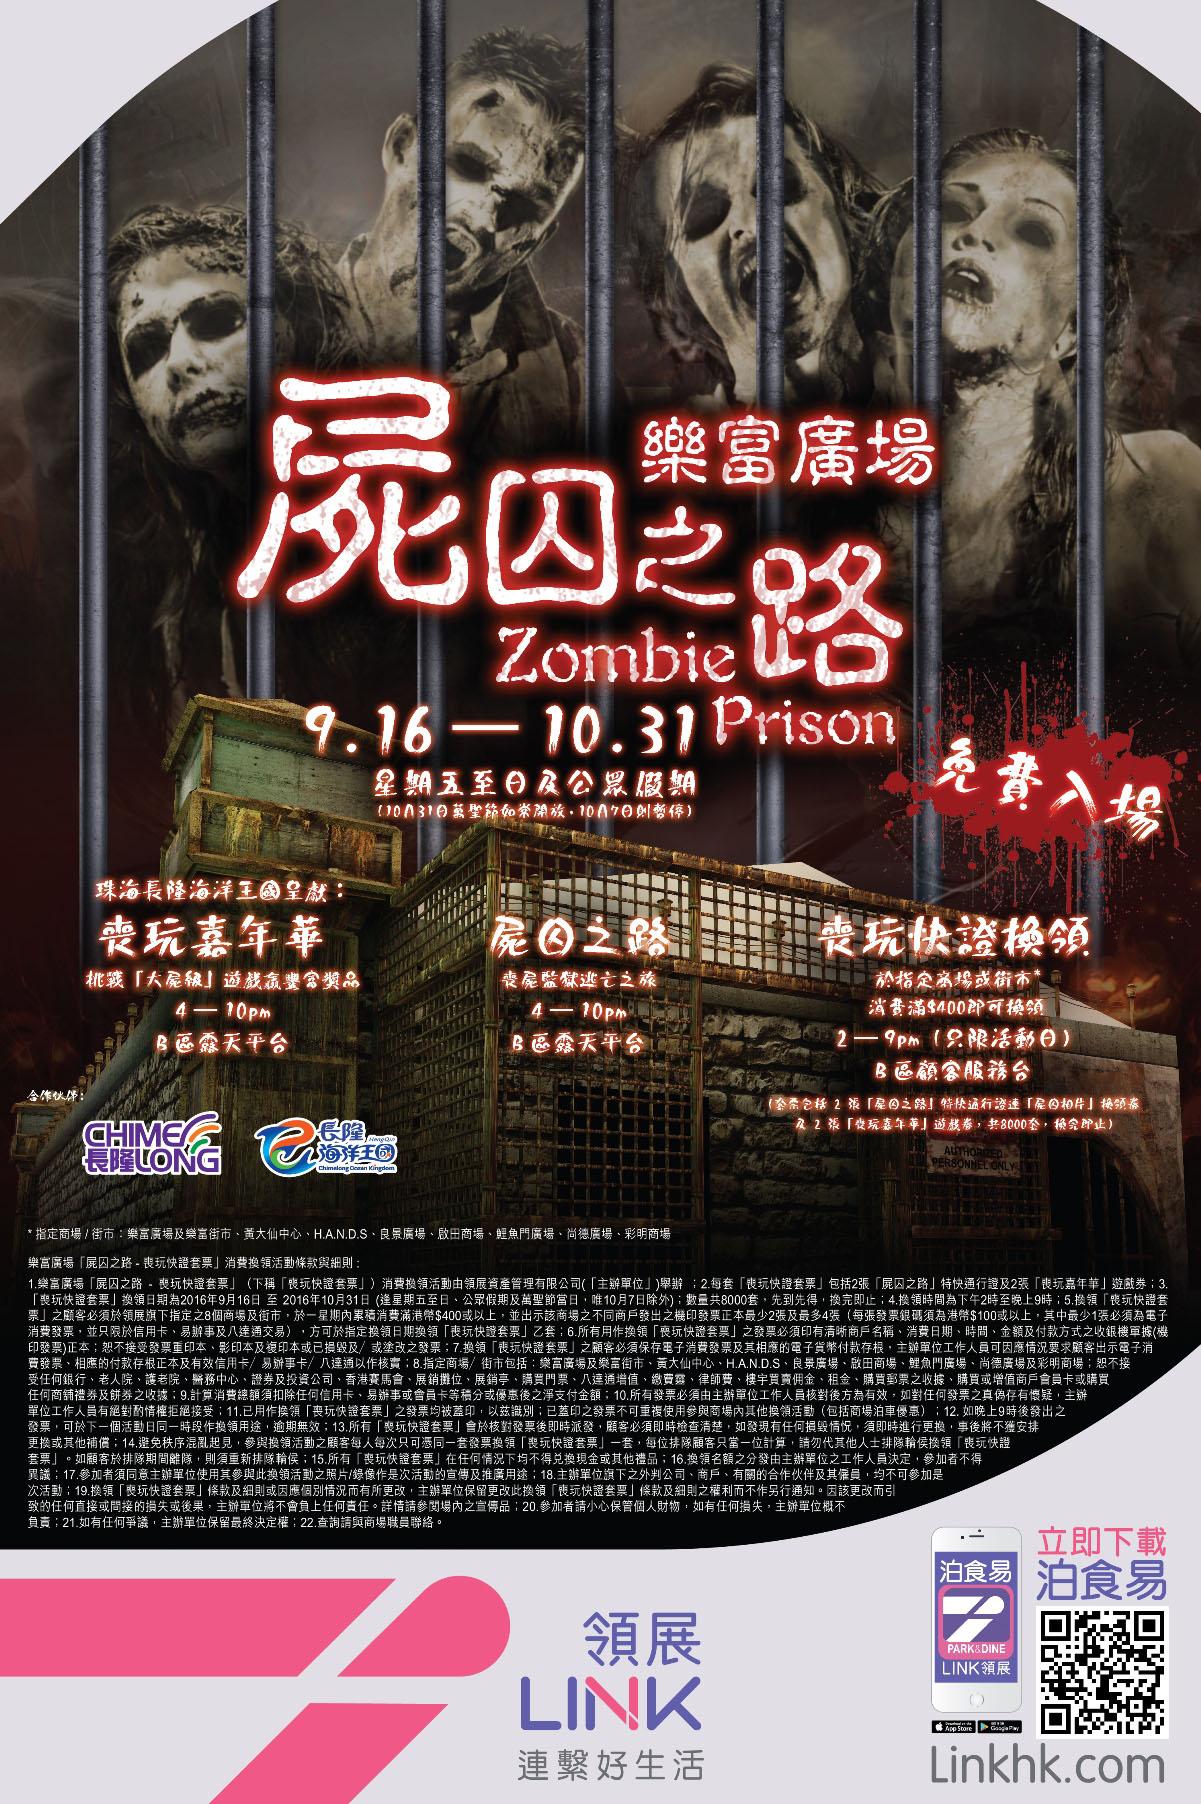 香港樂富廣場領展黑色萬聖節全城哈囉喂「屍囚之路」lok fu plaza hong kong halloween